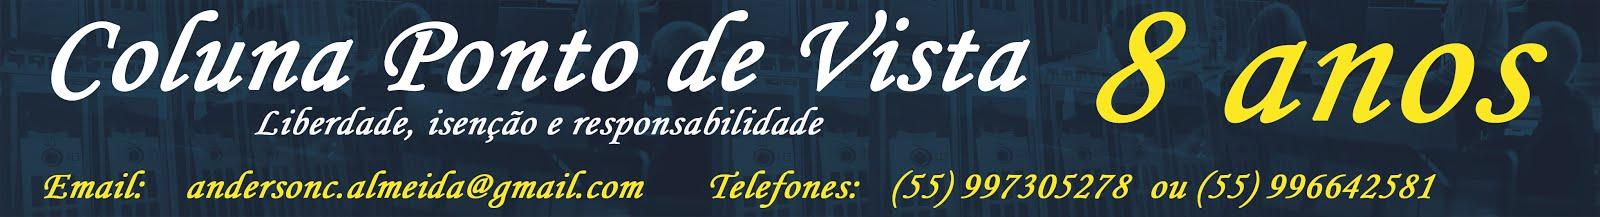 Coluna Ponto de Vista - Notícias de São Gabriel e região